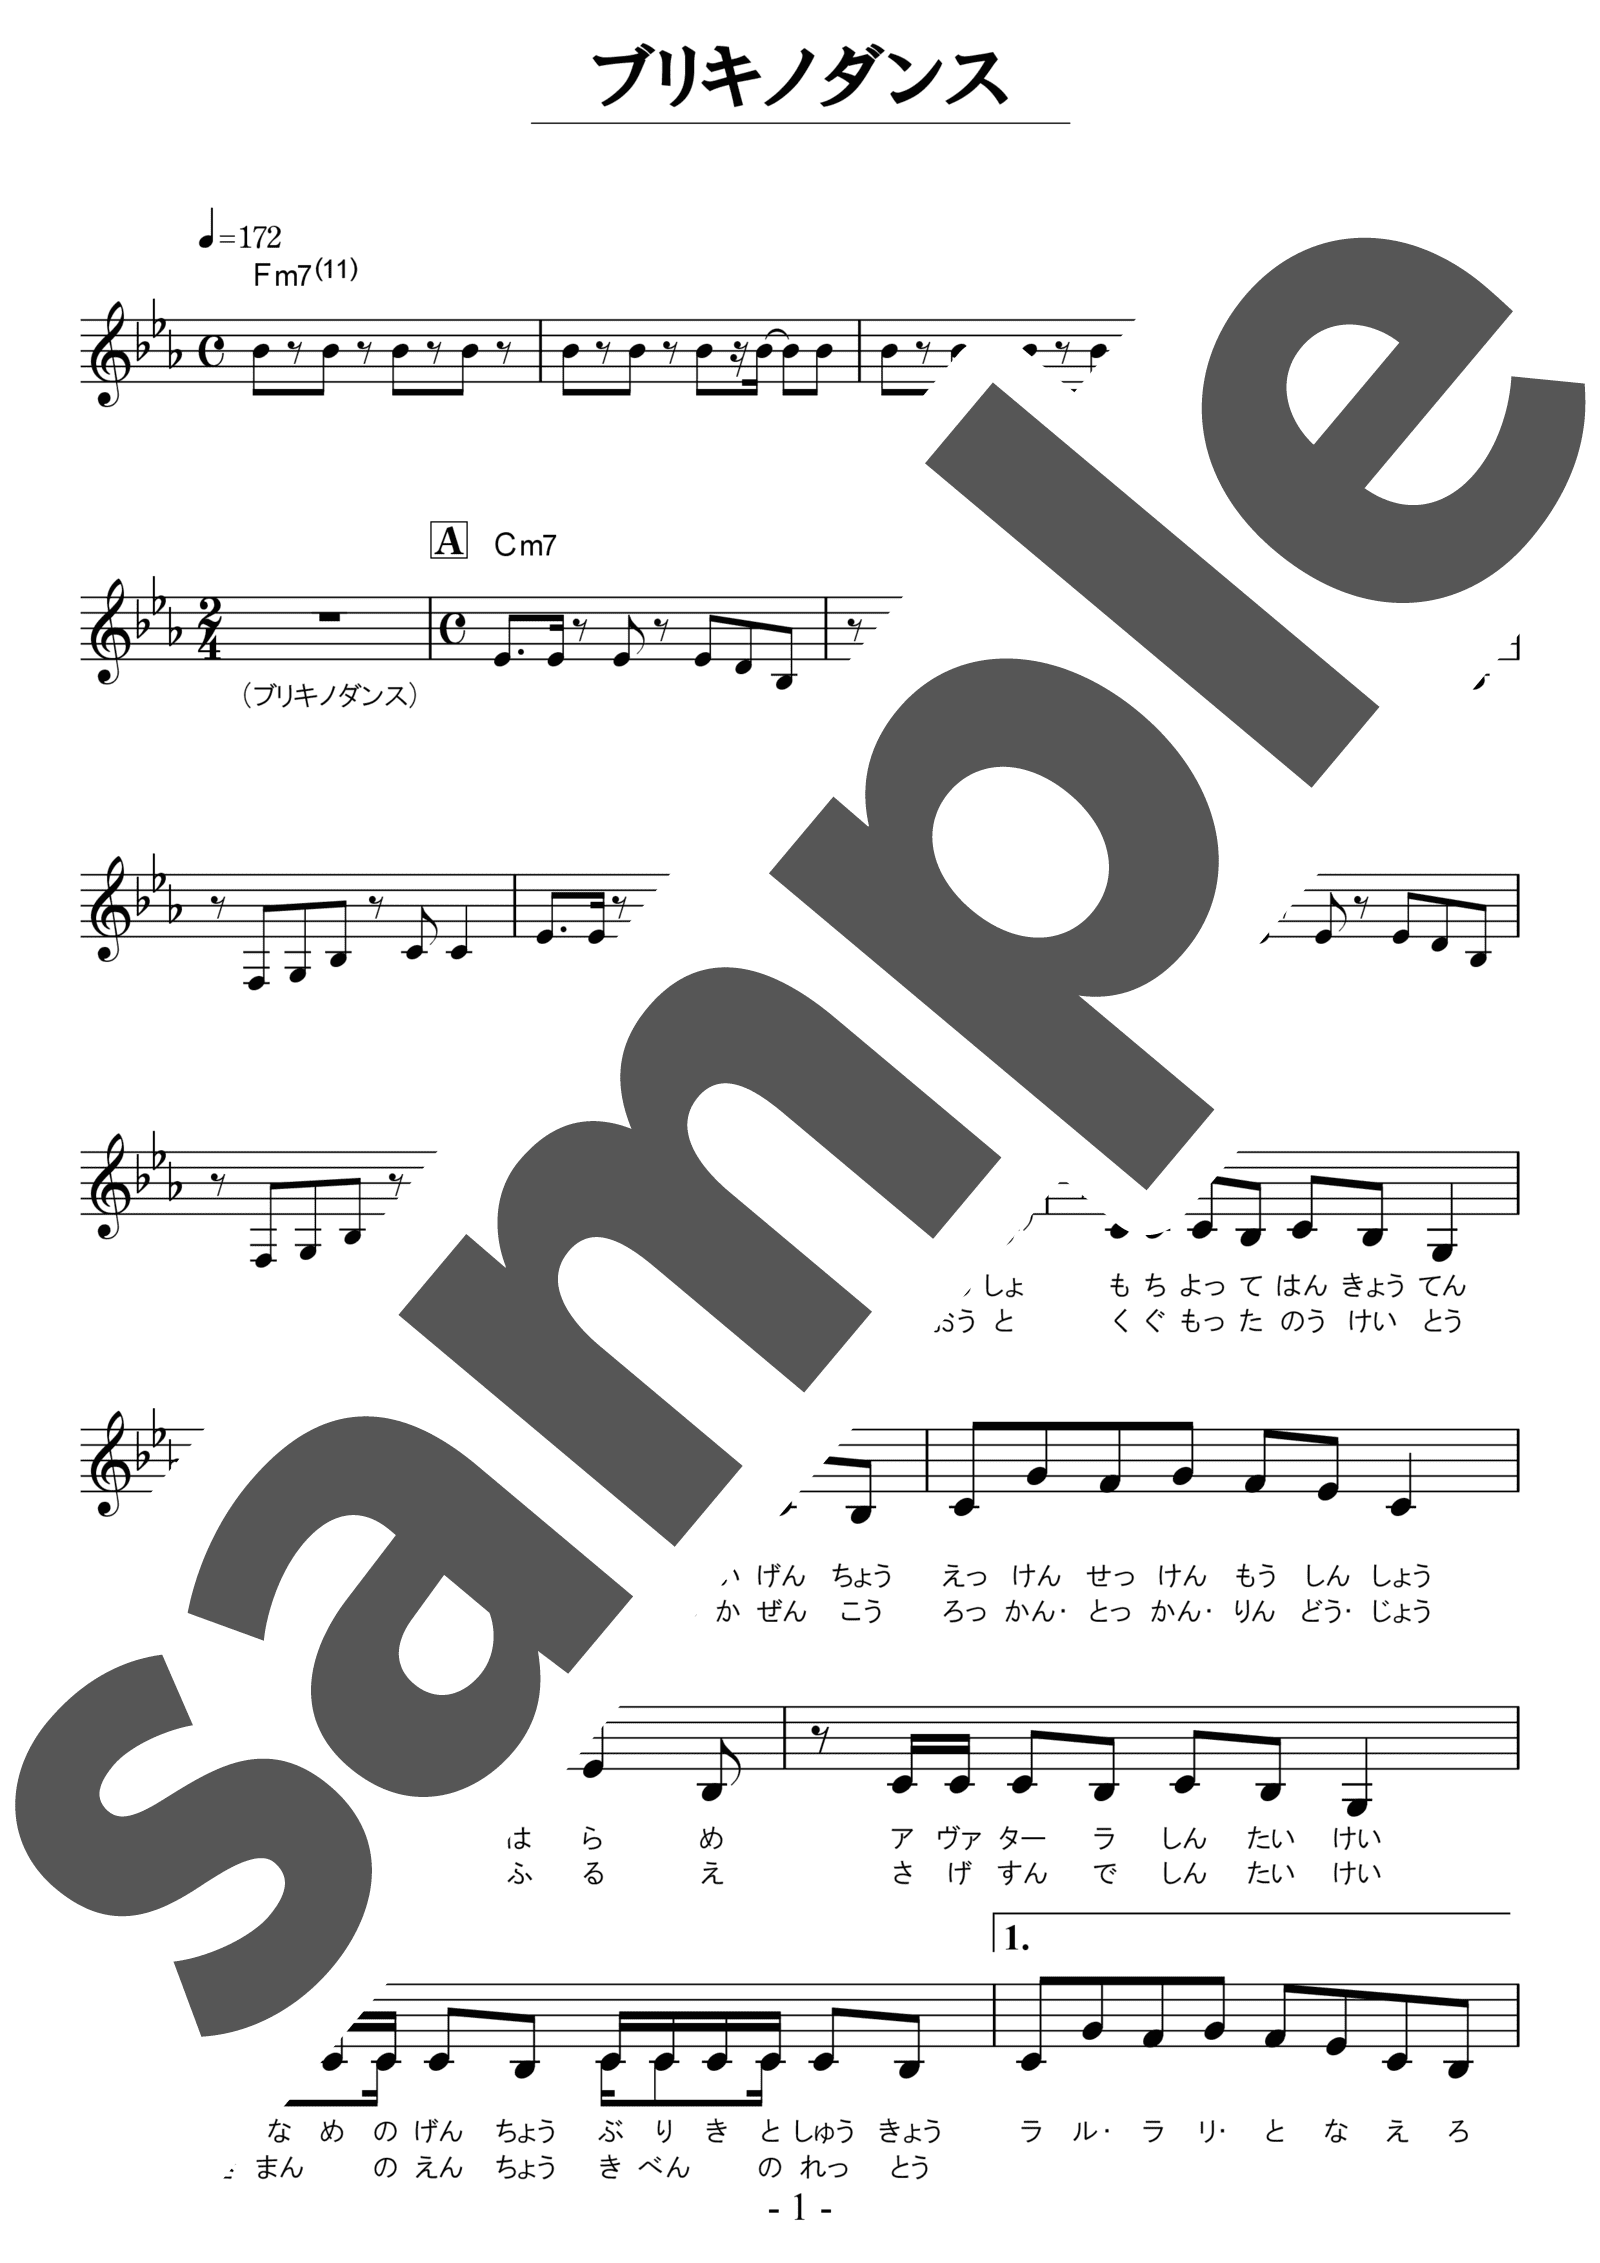 「ブリキノダンス」のサンプル楽譜